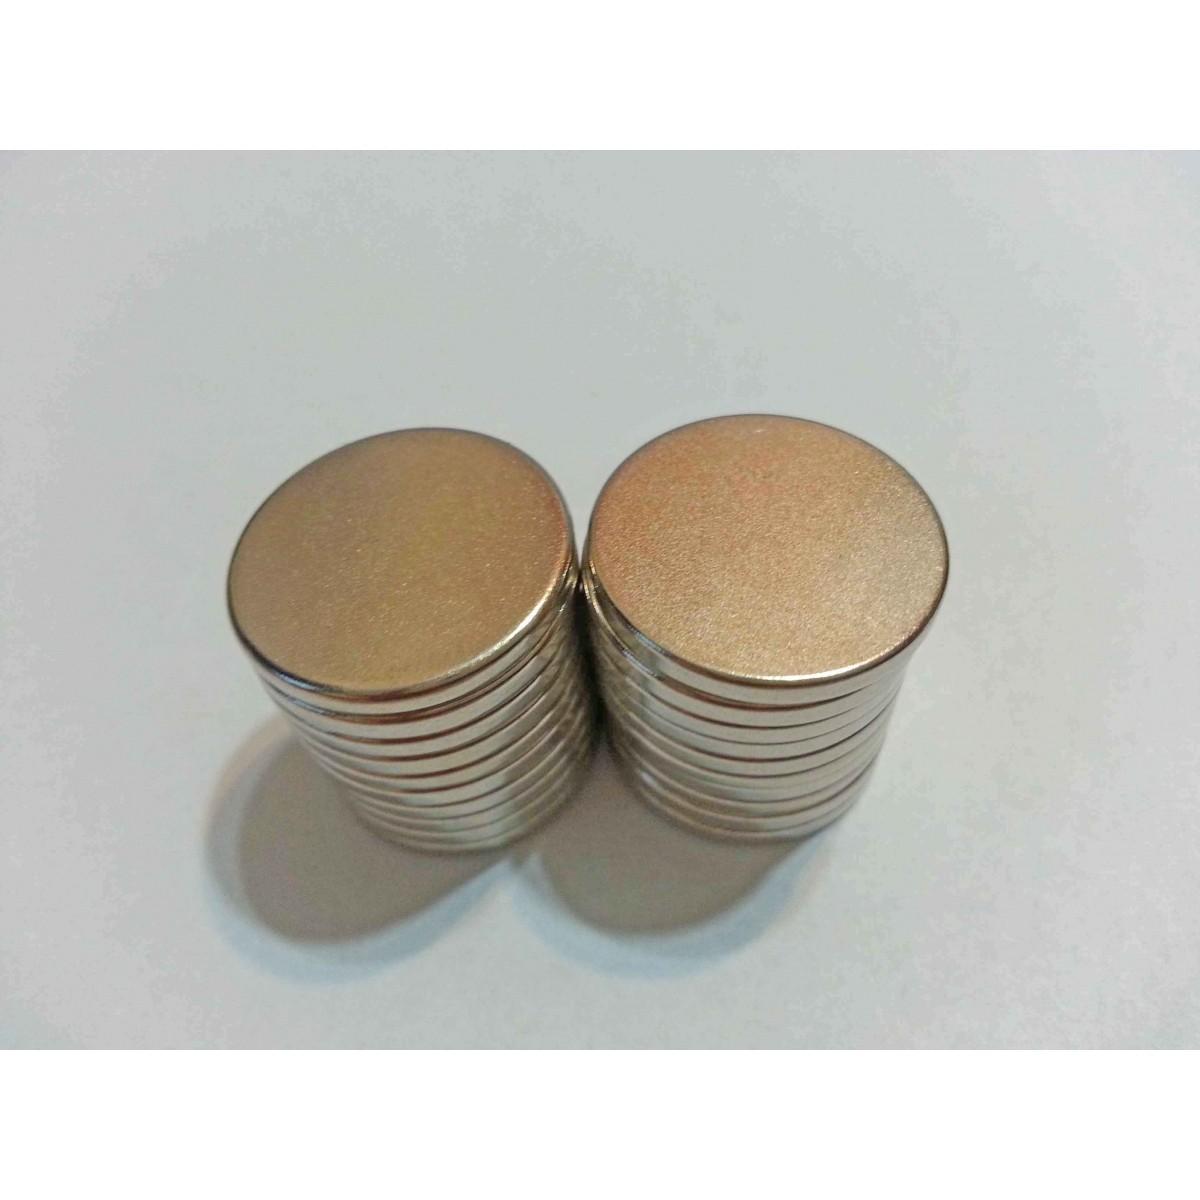 Imã De Neodímio / Super Forte / 18mm X 2mm , 5 Peças